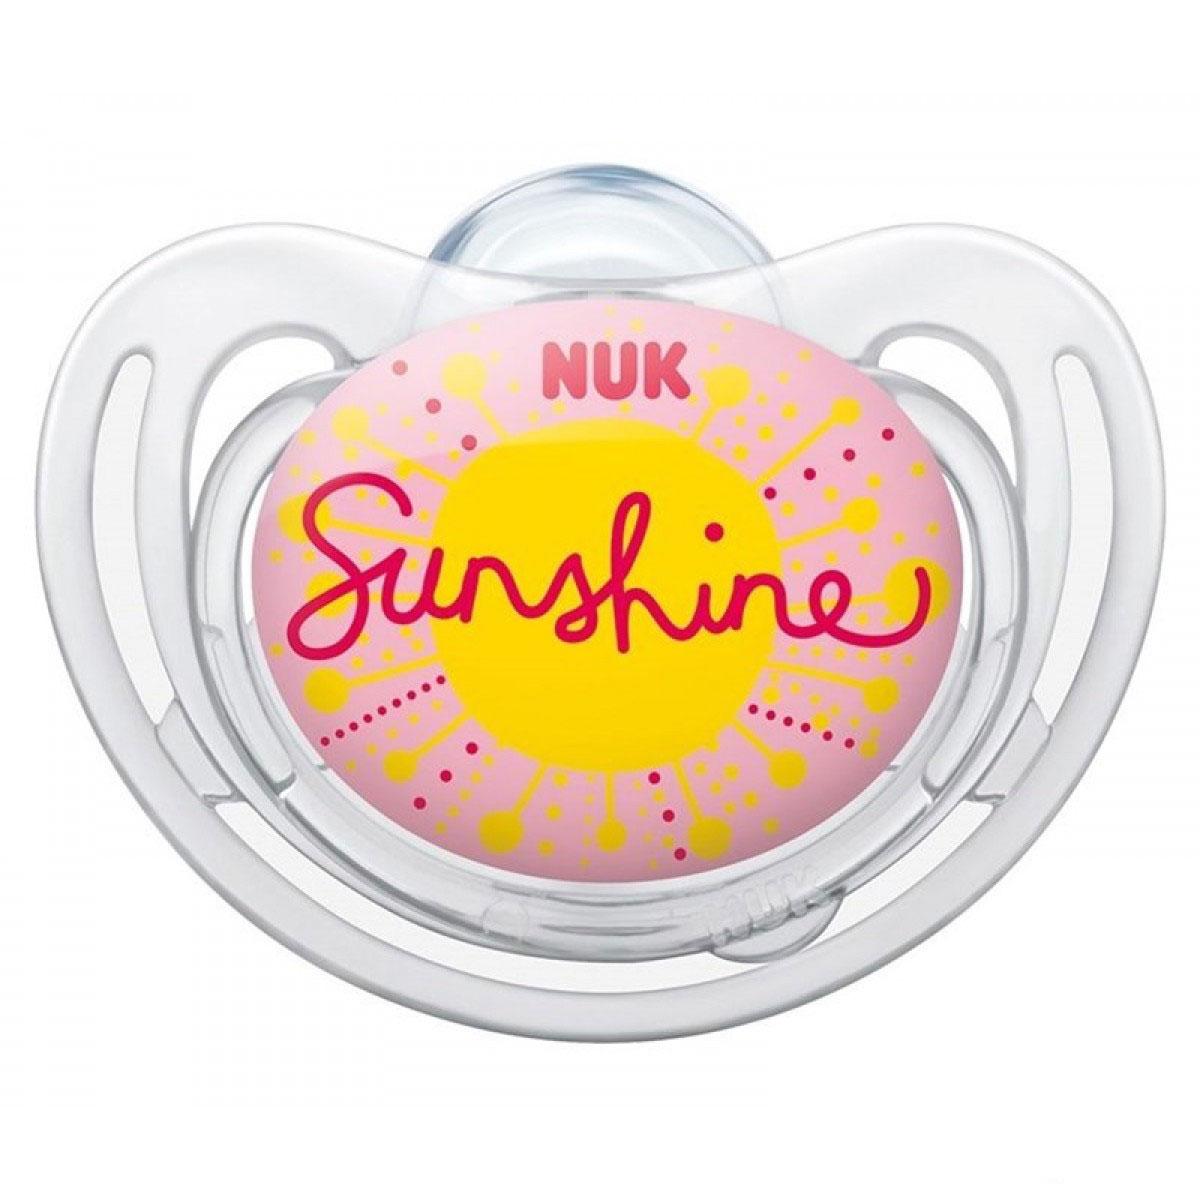 NUK Пустышка силиконовая для сна Freestyle. Солнышко, от 18 до 36 месяцев, ортодонтическая соска пустышка nuk night & day от 18 до 36 месяцев цвет салатовый синий